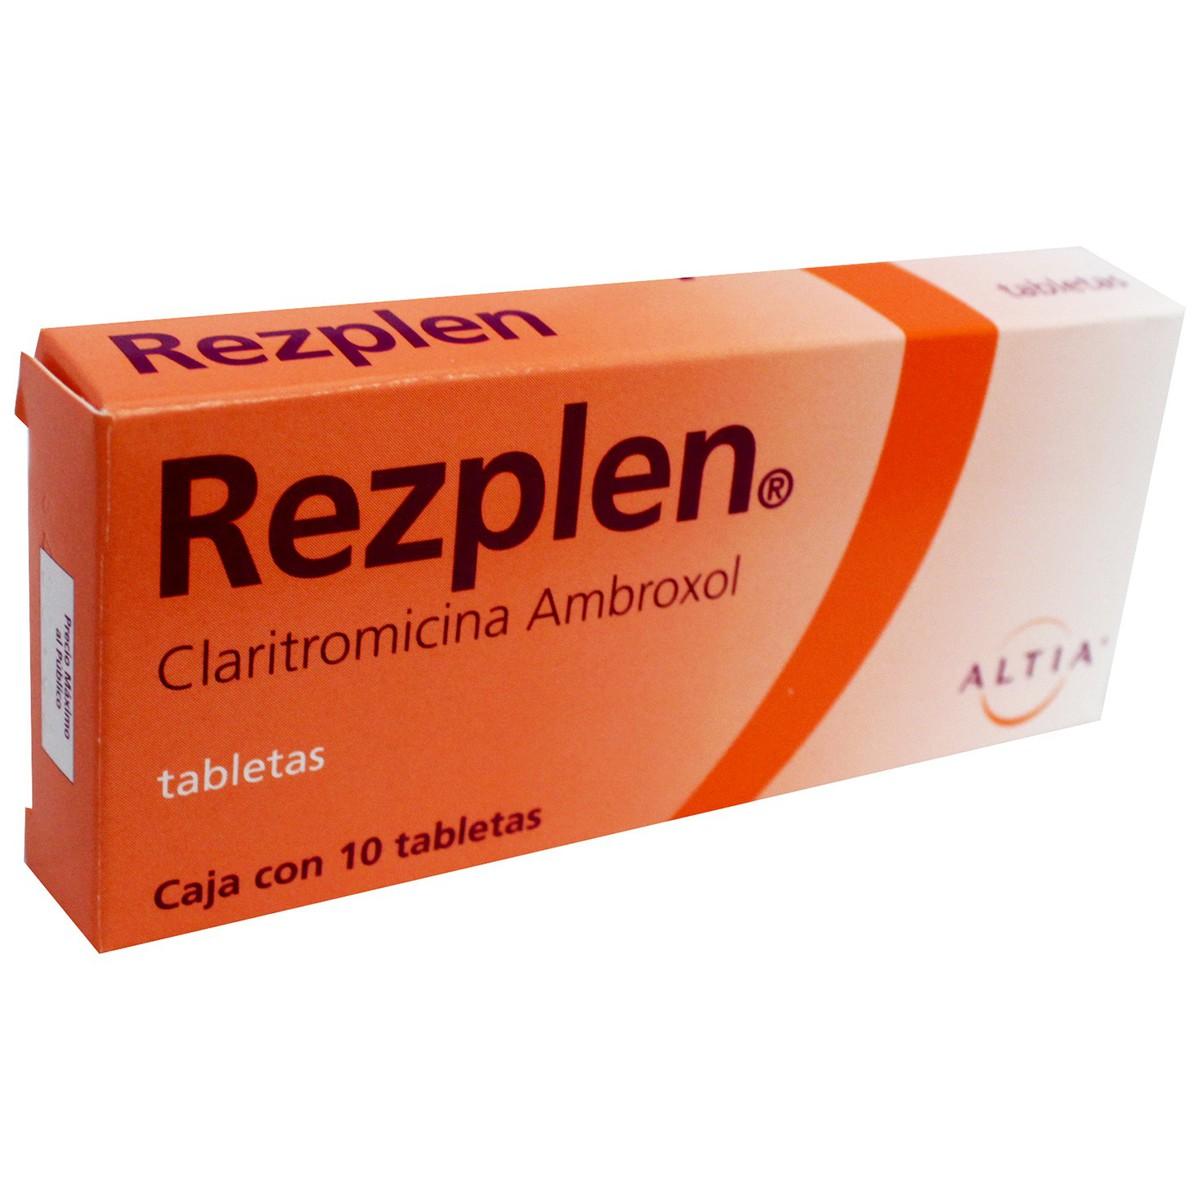 Rezplen Para Que Sirve Dosis Formula Y Generico